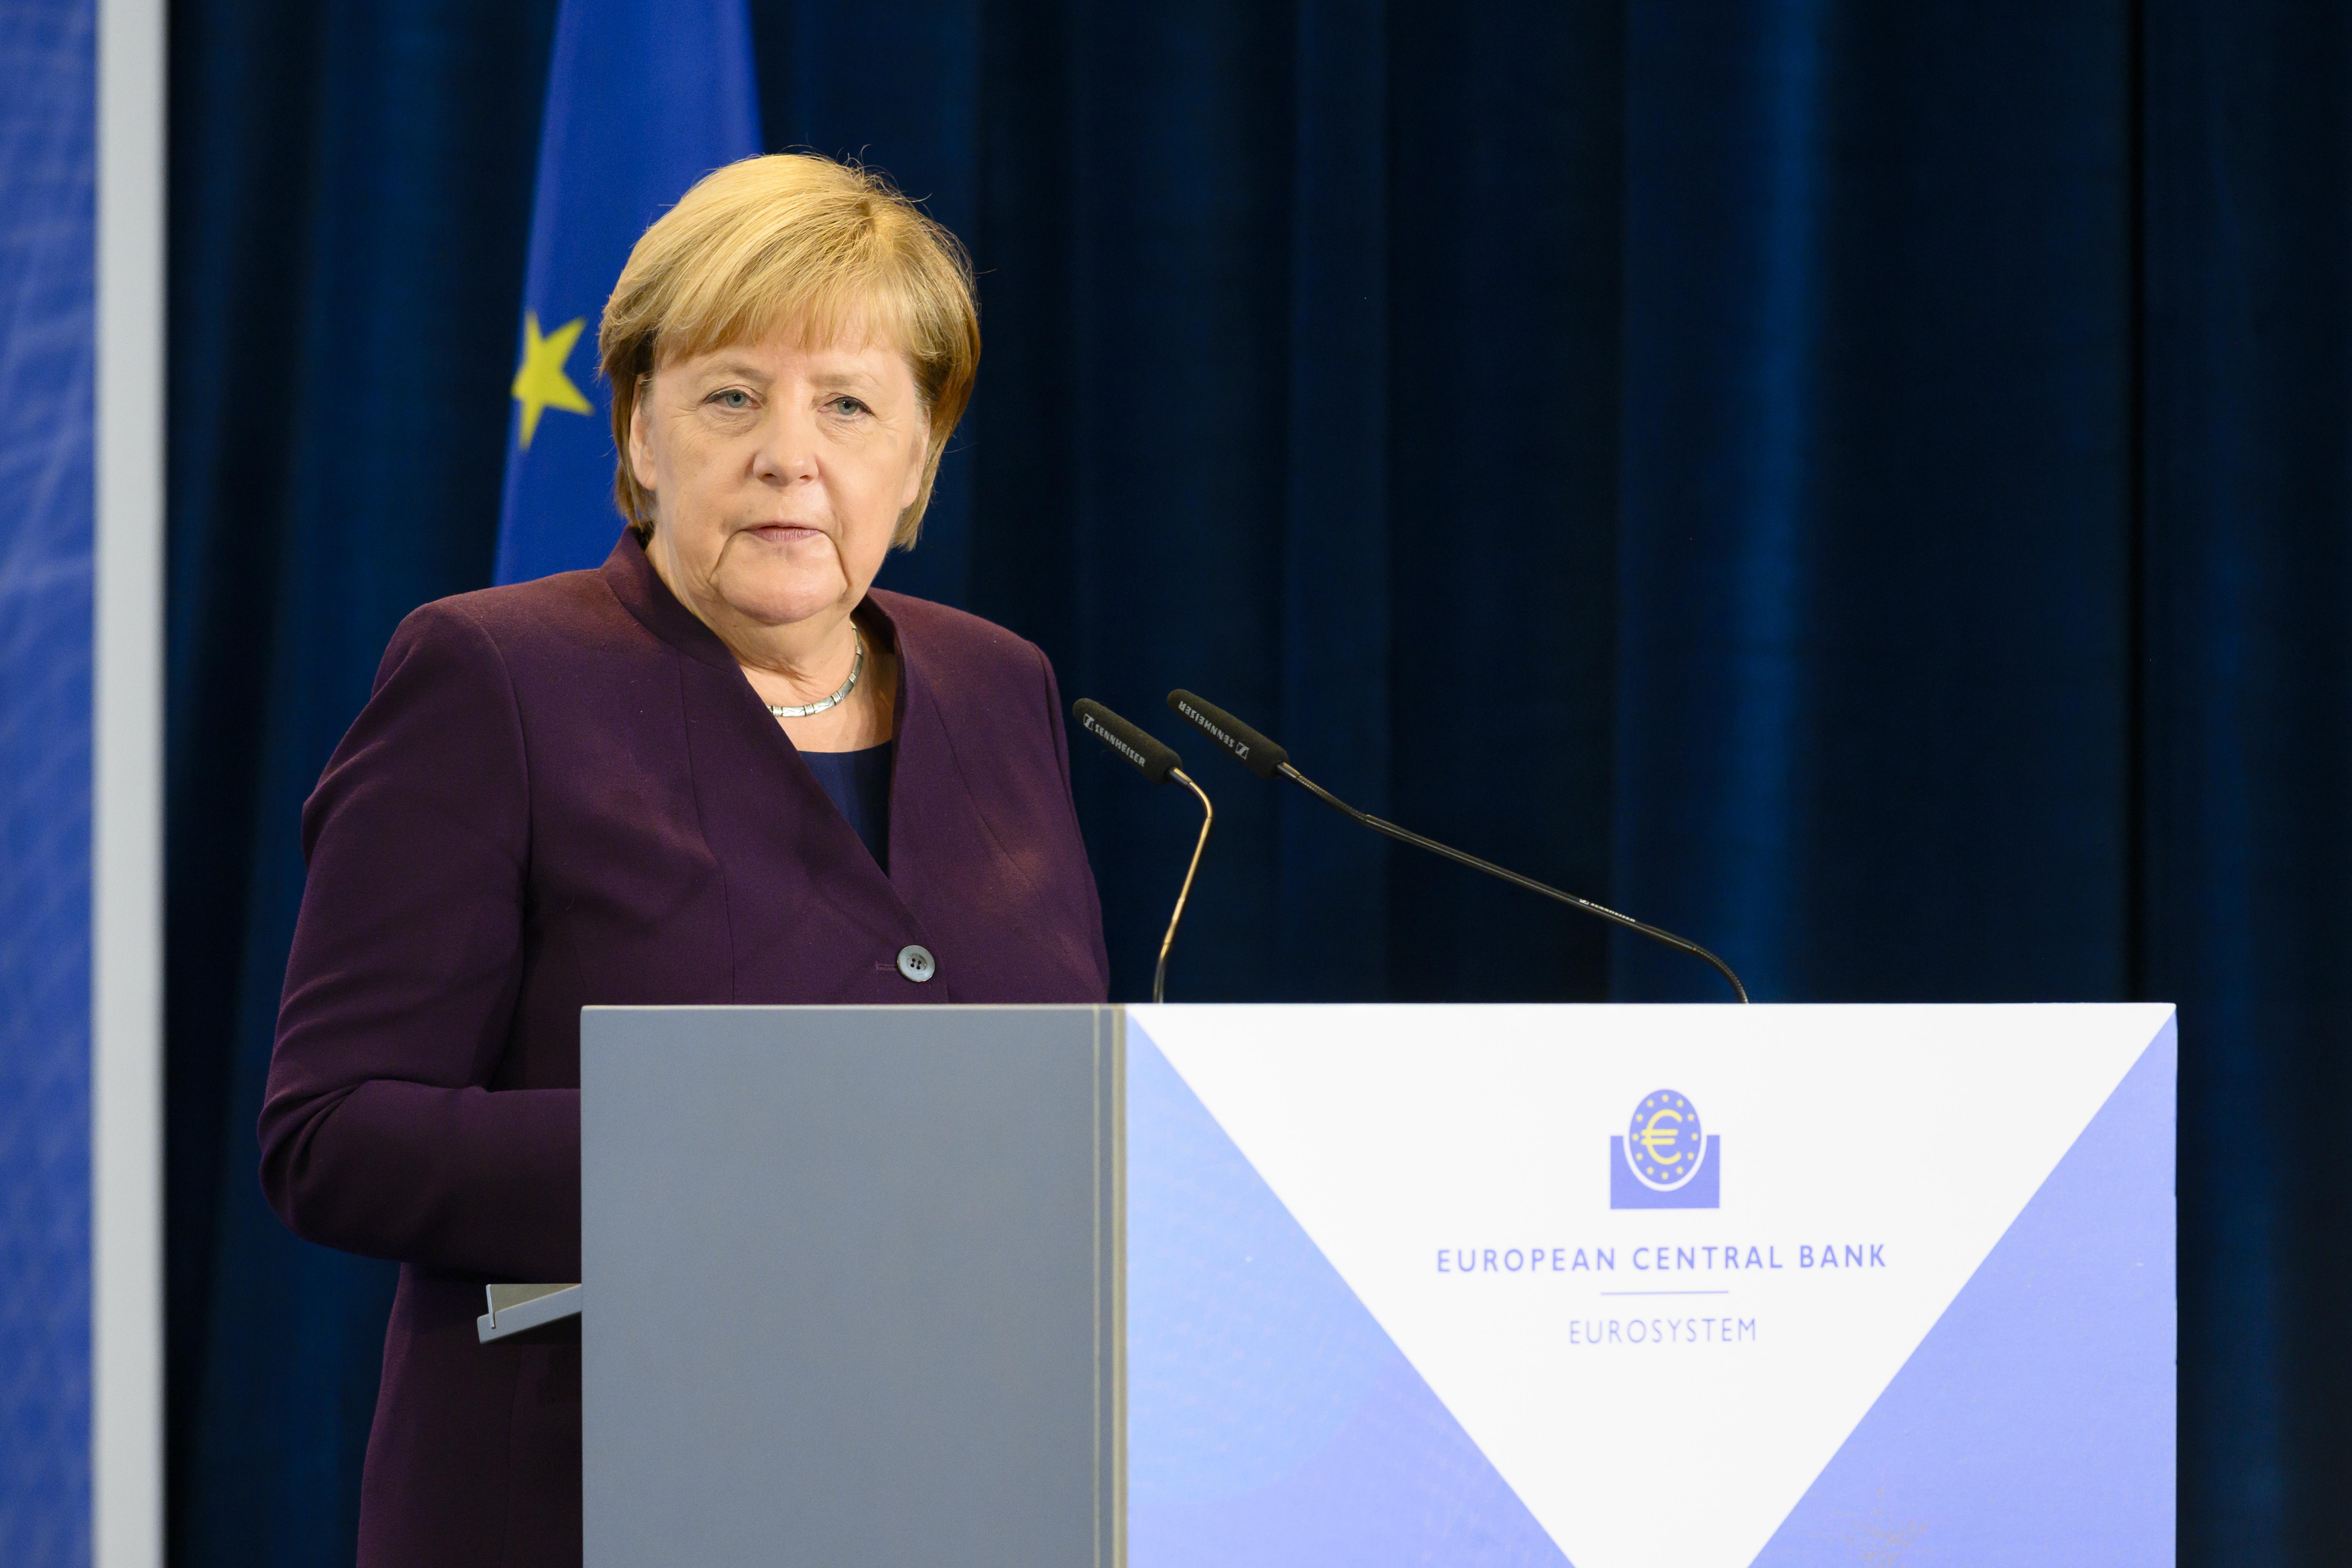 Une présidence pour relancer la construction européenne ?